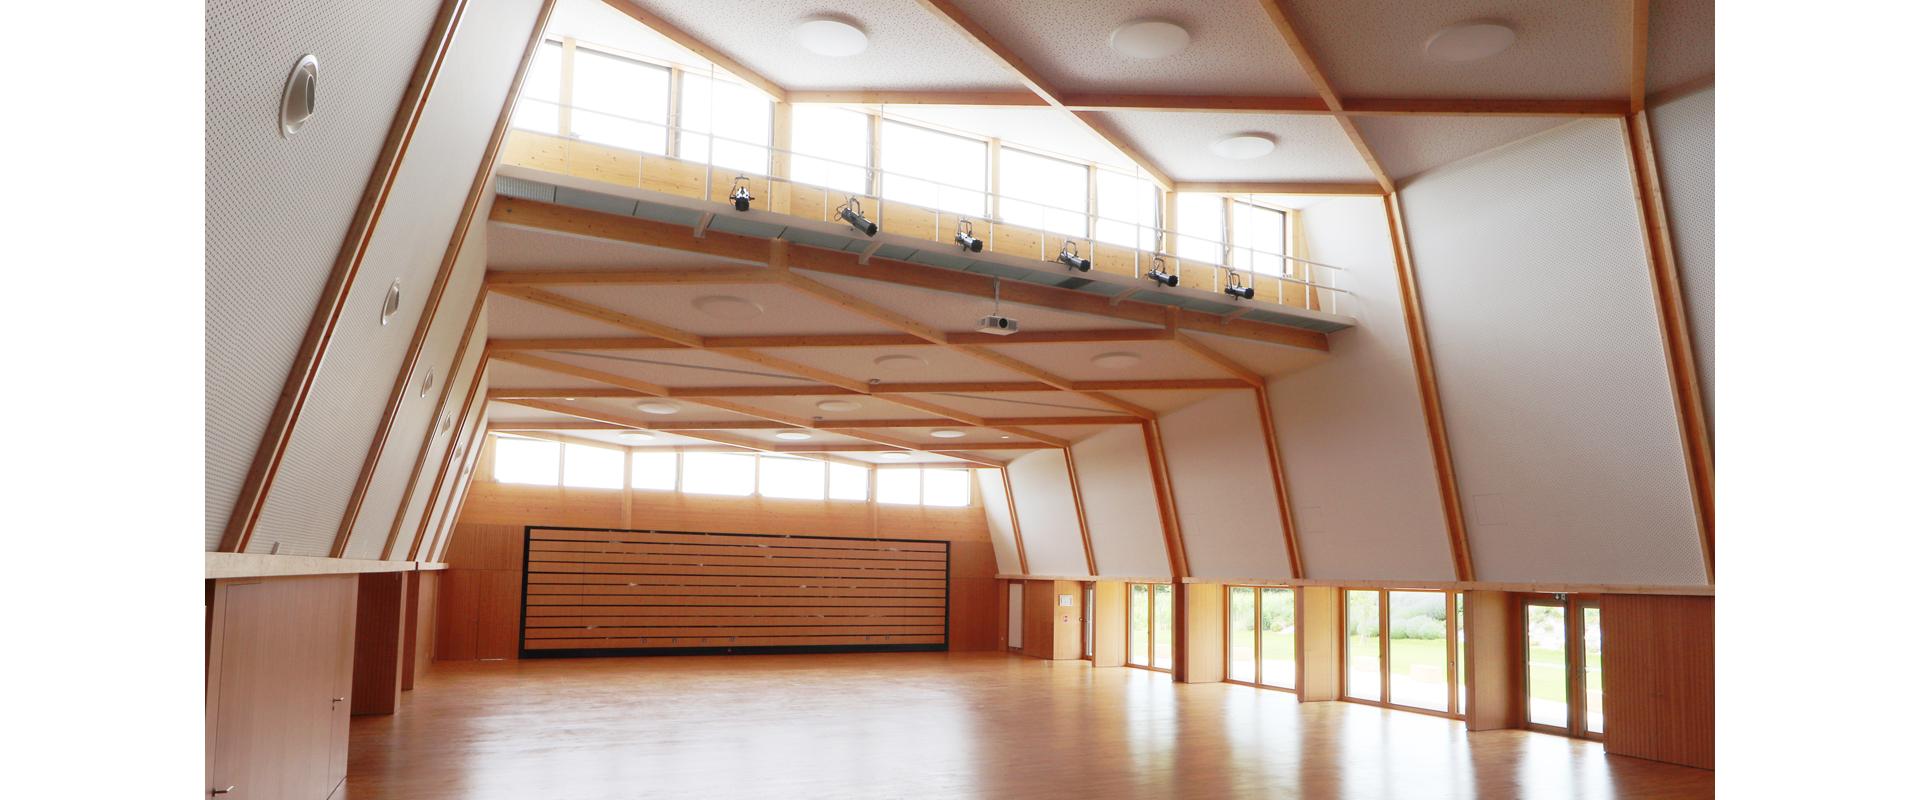 Vue intérieure salle des fêtes passive Wettolsheim